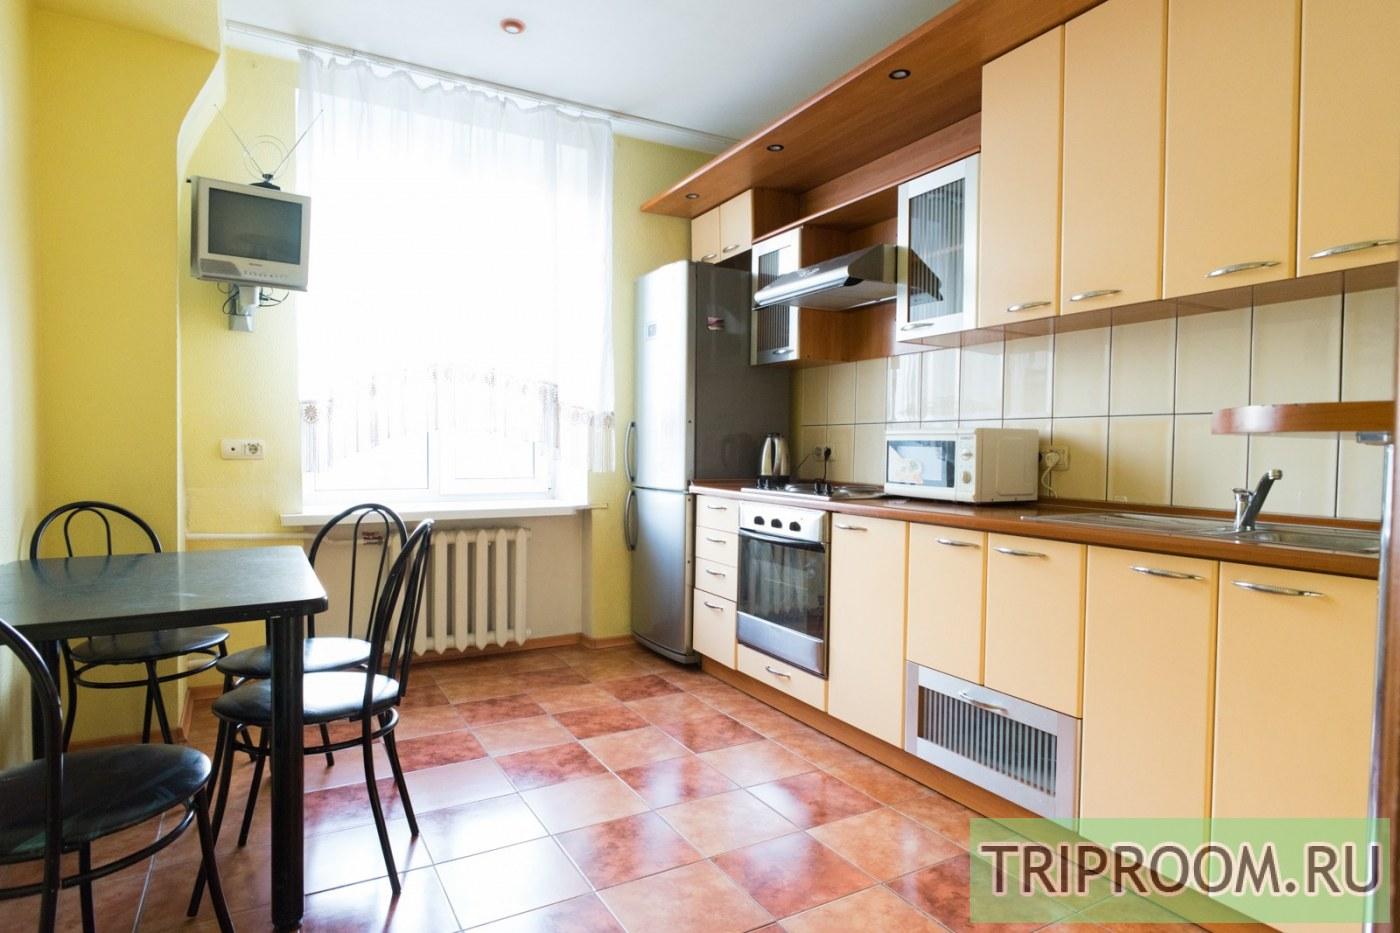 1-комнатная квартира посуточно (вариант № 40129), ул. Красноярский Рабочий проспект, фото № 1